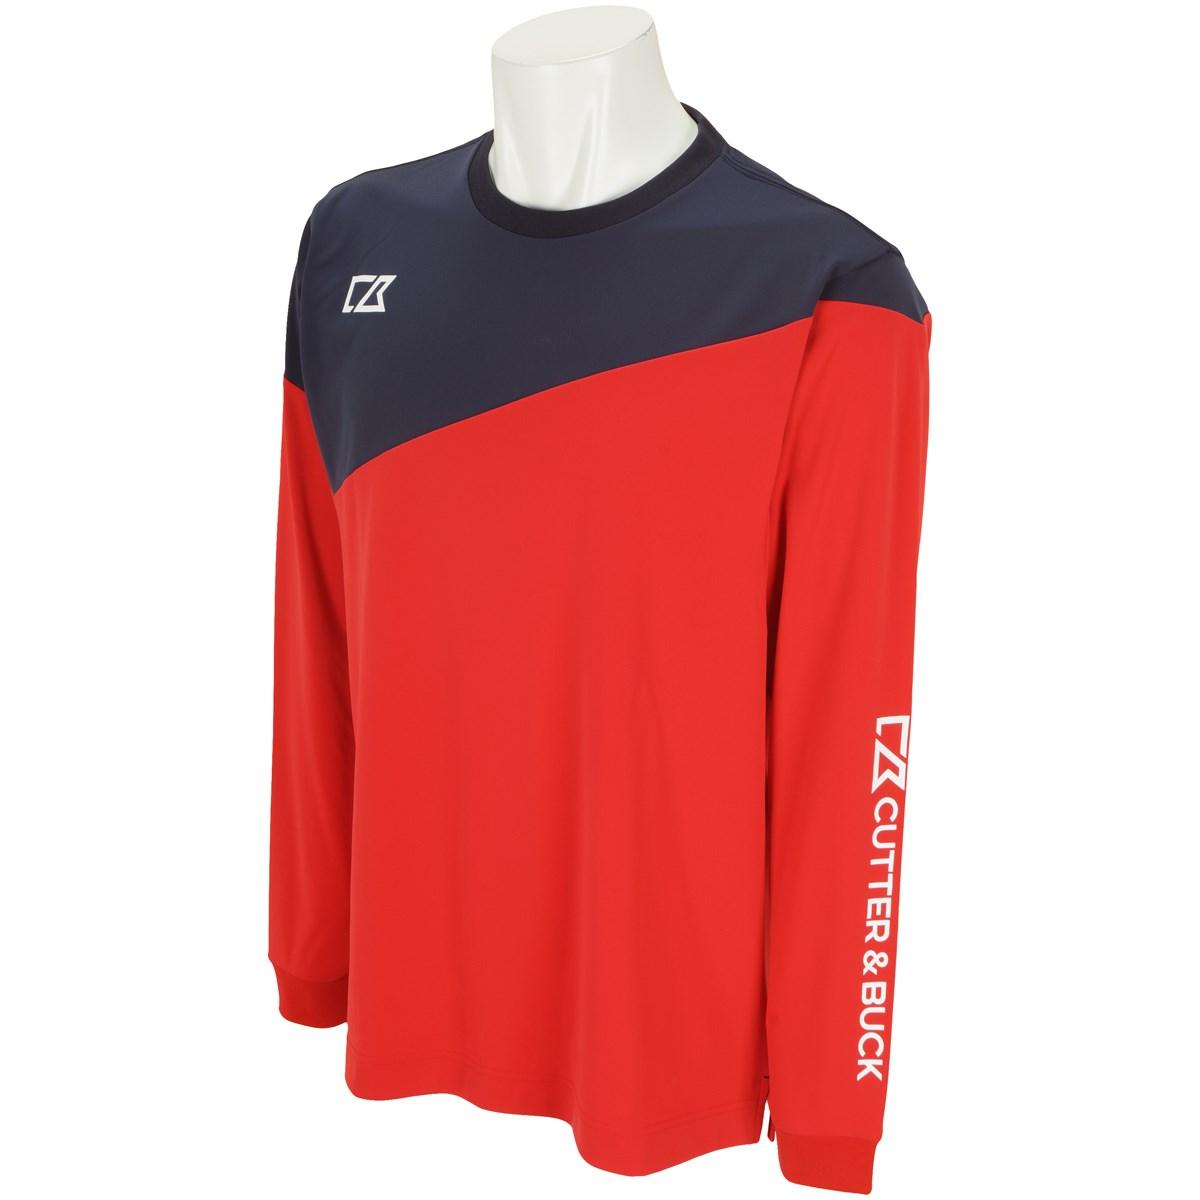 カッター&バック CUTTER&BUCK ストレッチ長袖Tシャツ LL レッド RD00